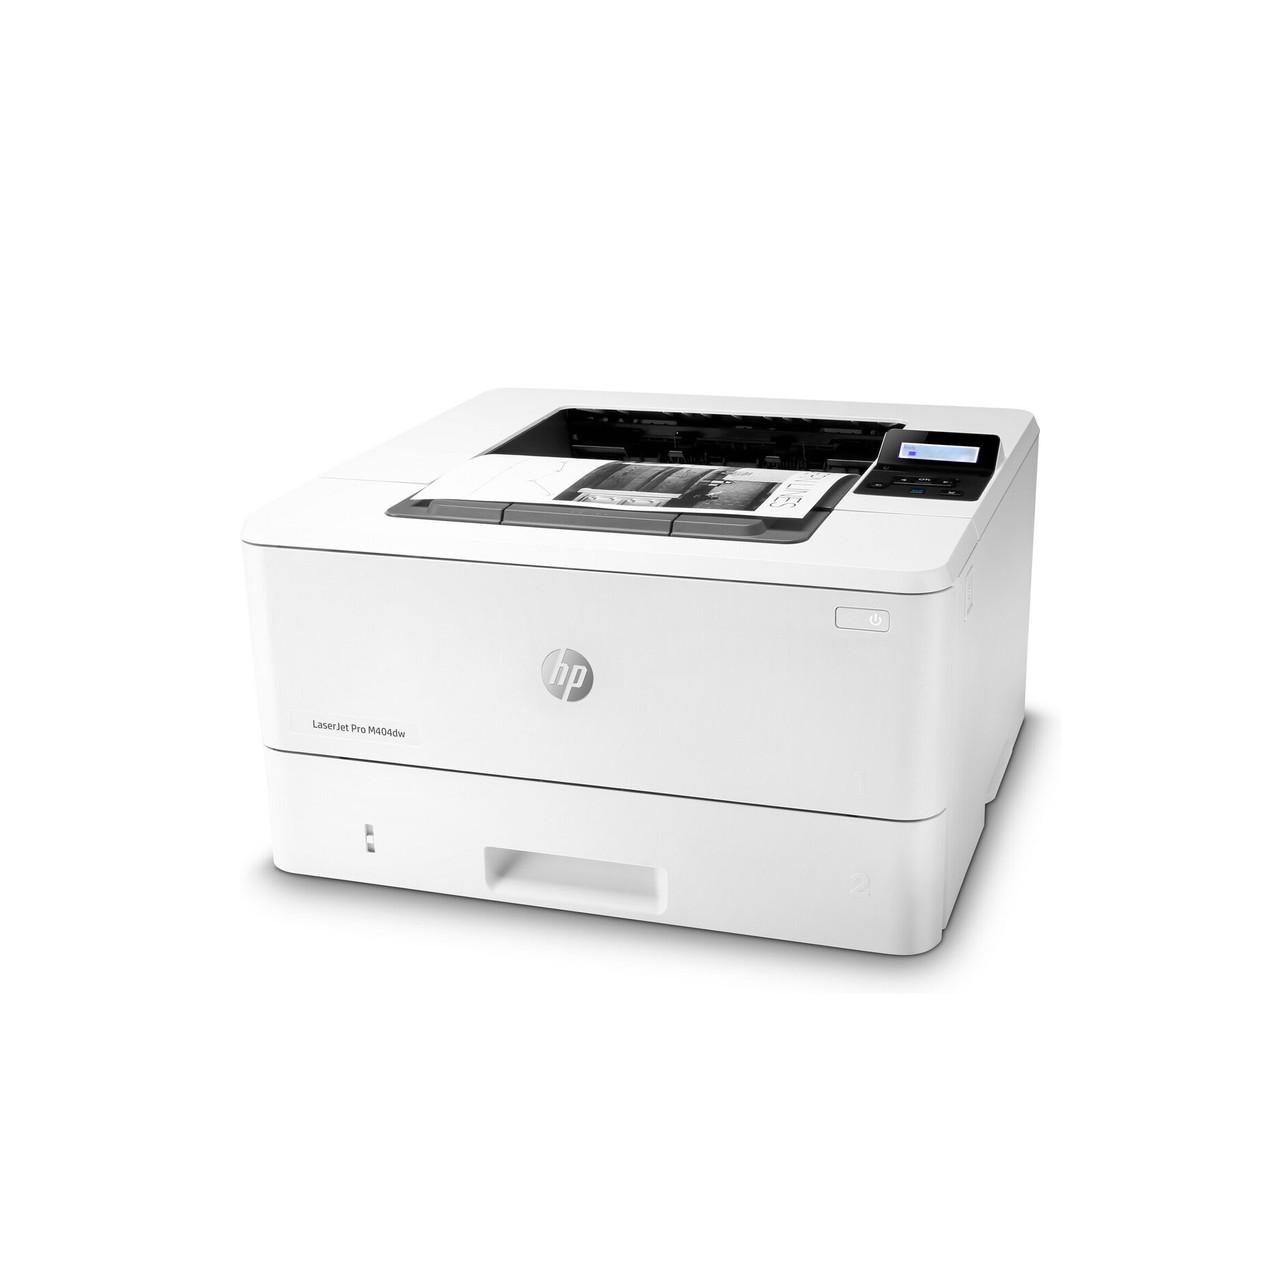 Принтер HP LaserJet Pro M404dn B (А4, Лазерный, Монохромный (черно - белый), USB, Ethernet) W1A53A